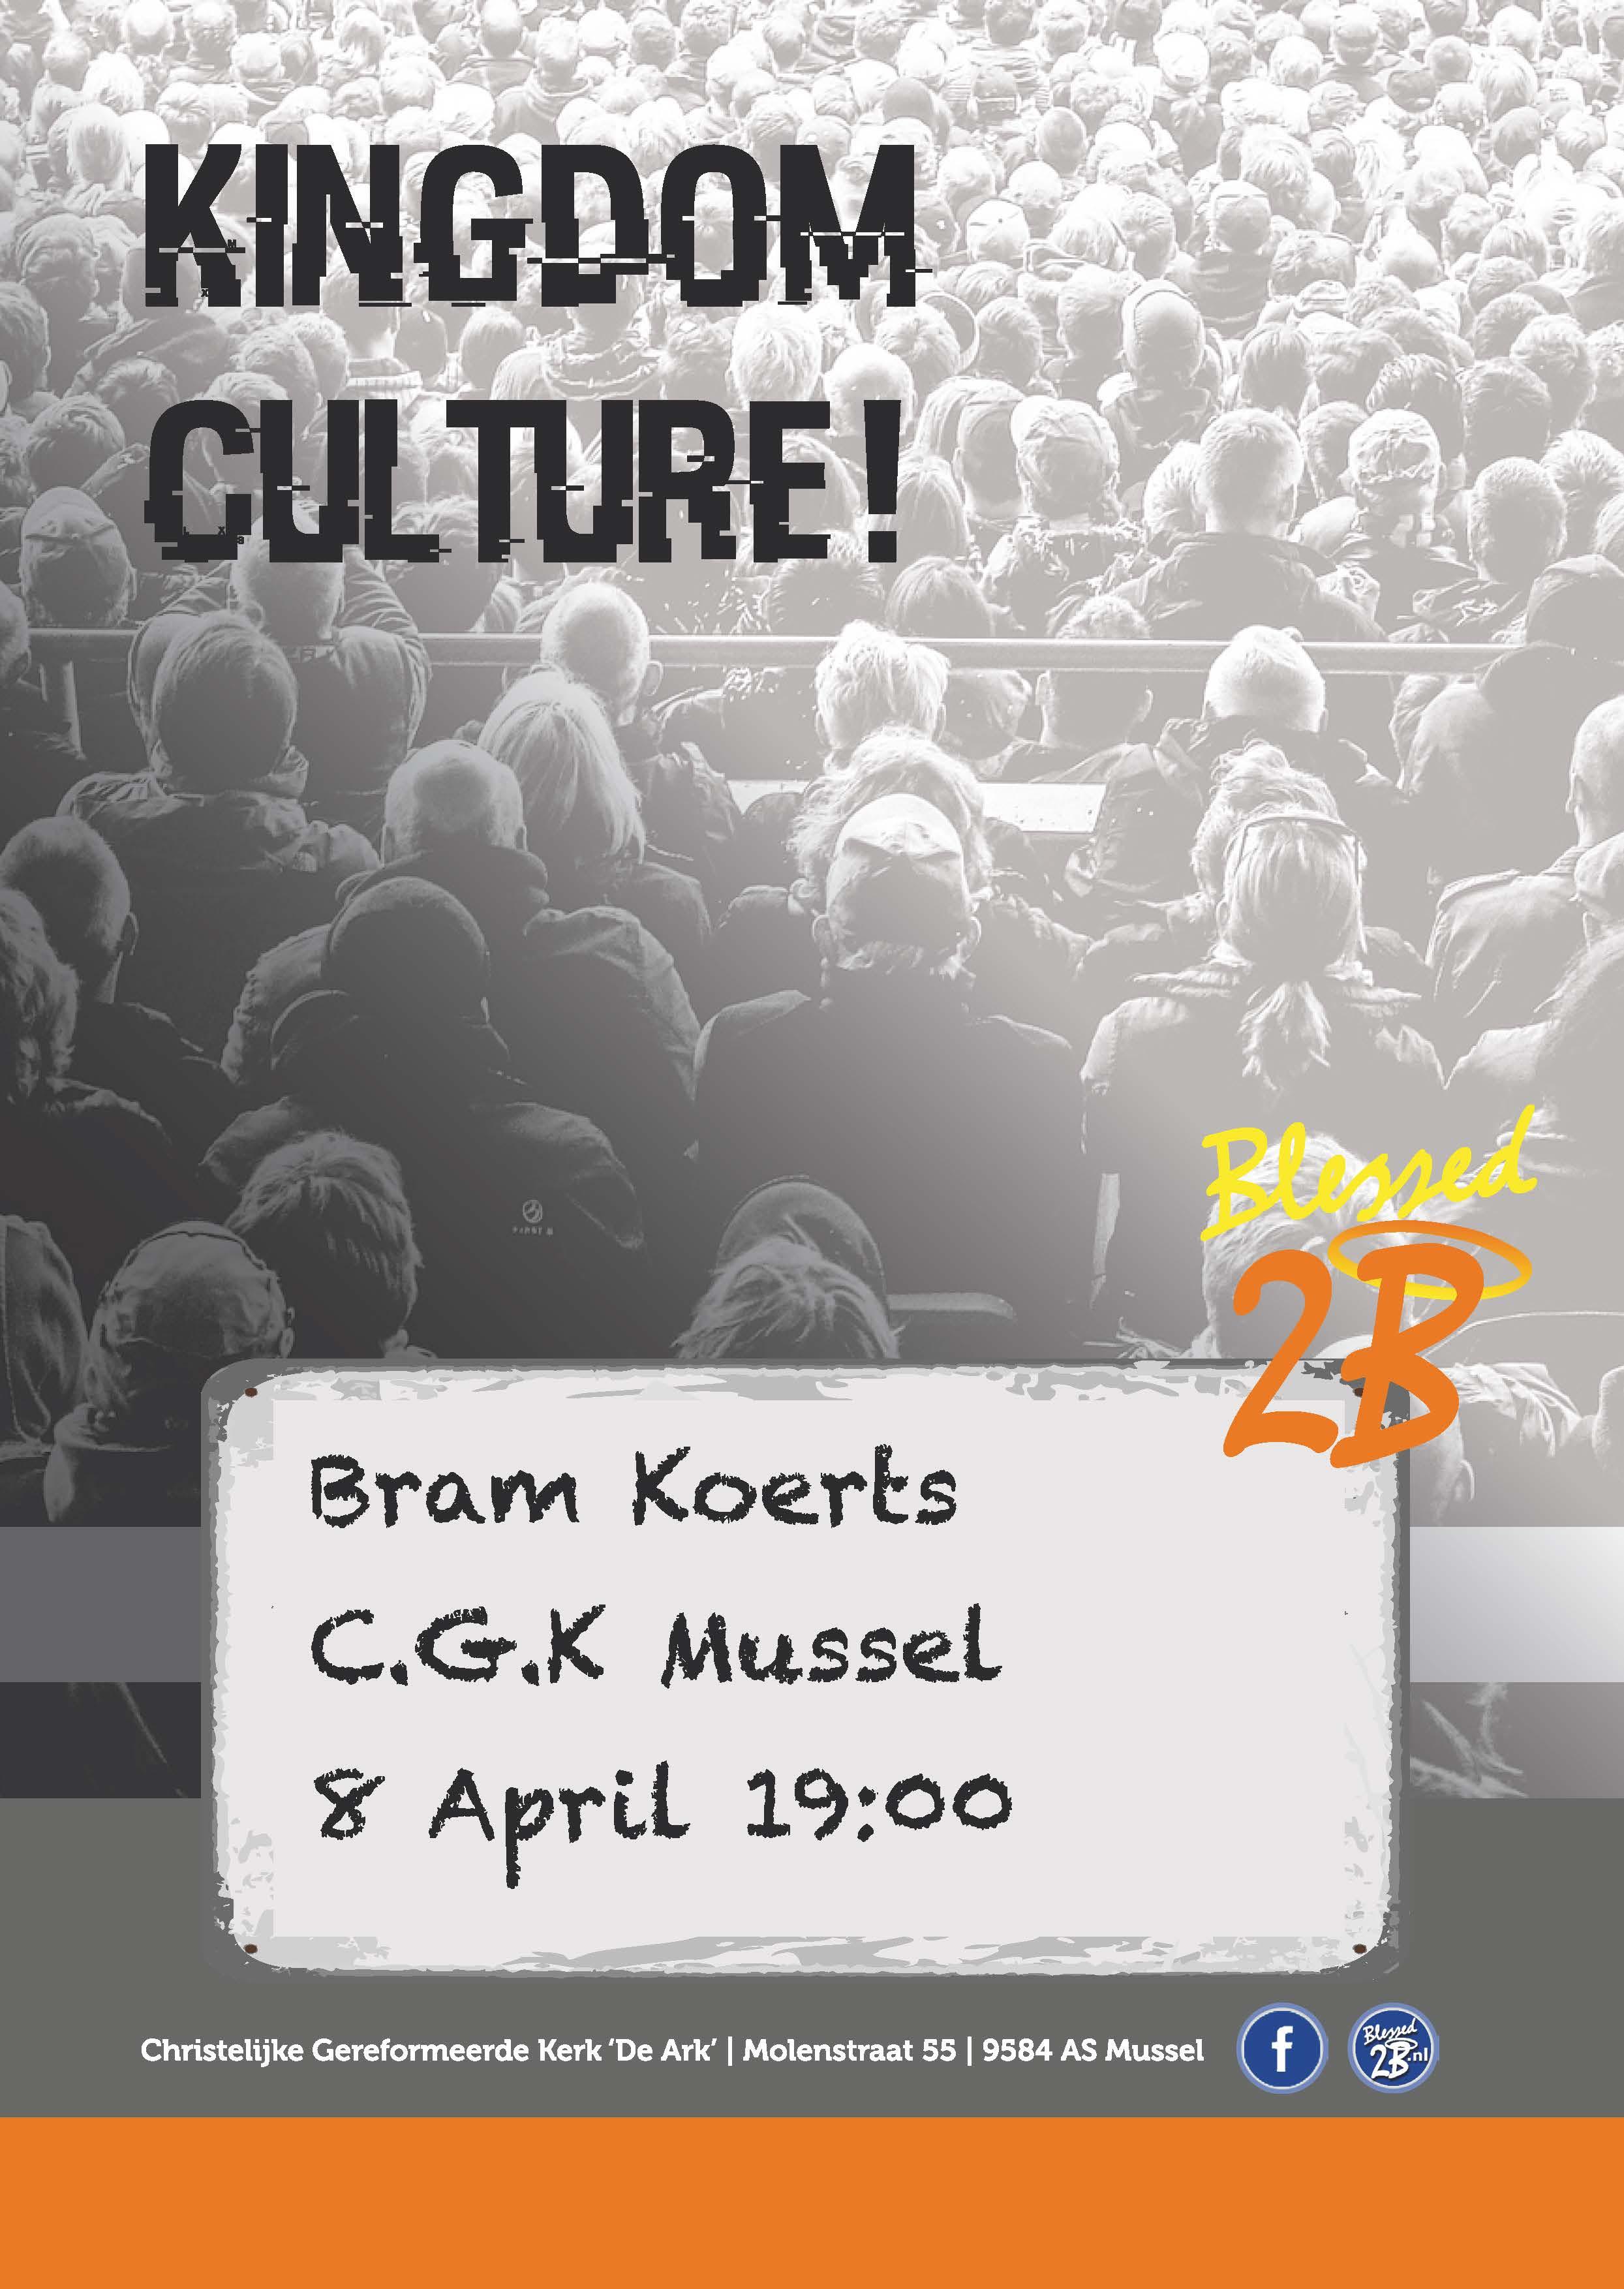 Kingdom_Culture_B2B-Bram-Koerts-CGK-Mussel